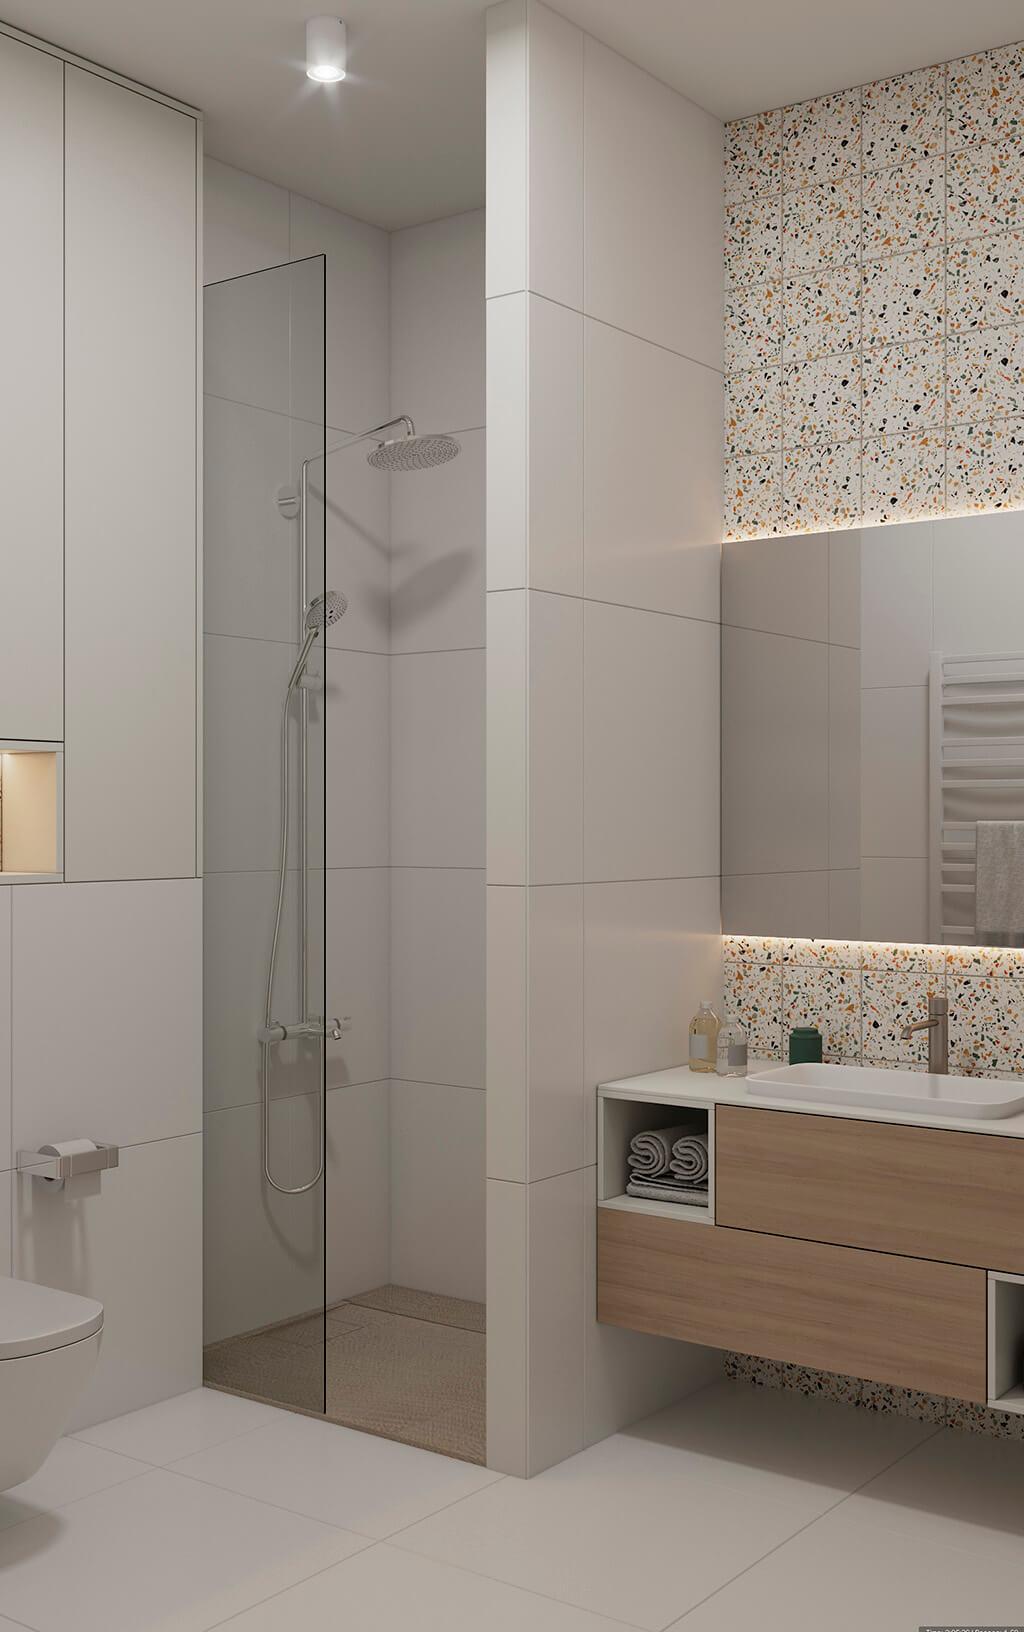 дизайн интерьеров Тюмень ЛевшаГрупп ванная душевая кабина